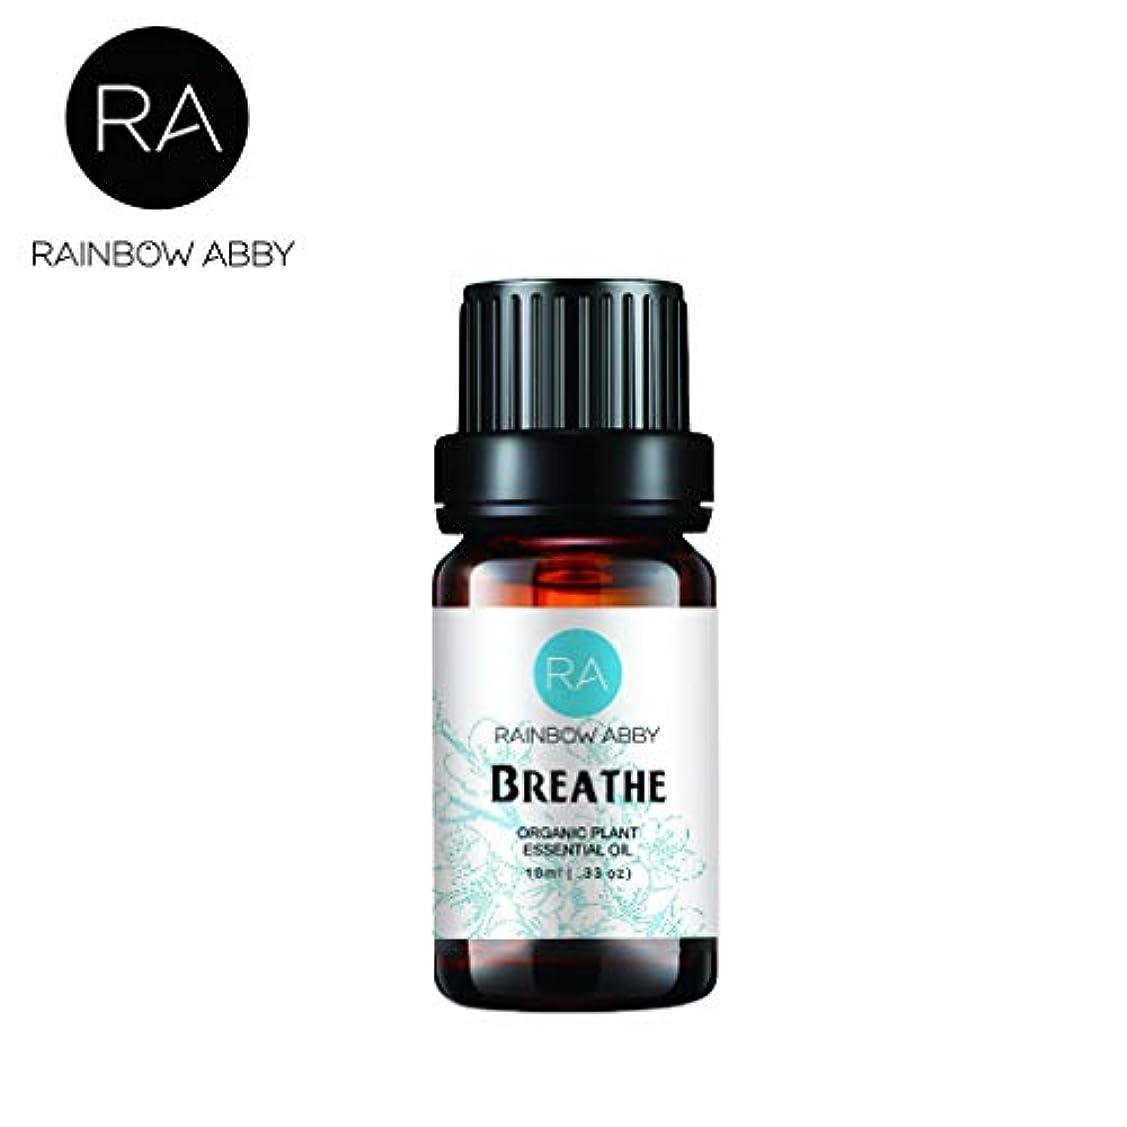 クールアクセルラジカルRAINBOW ABBY 呼吸する エッセンシャル オイル - 100% ピュア ベスト オーガニック 治療 グレード ブレンド エッセンシャル オイル - 10ml